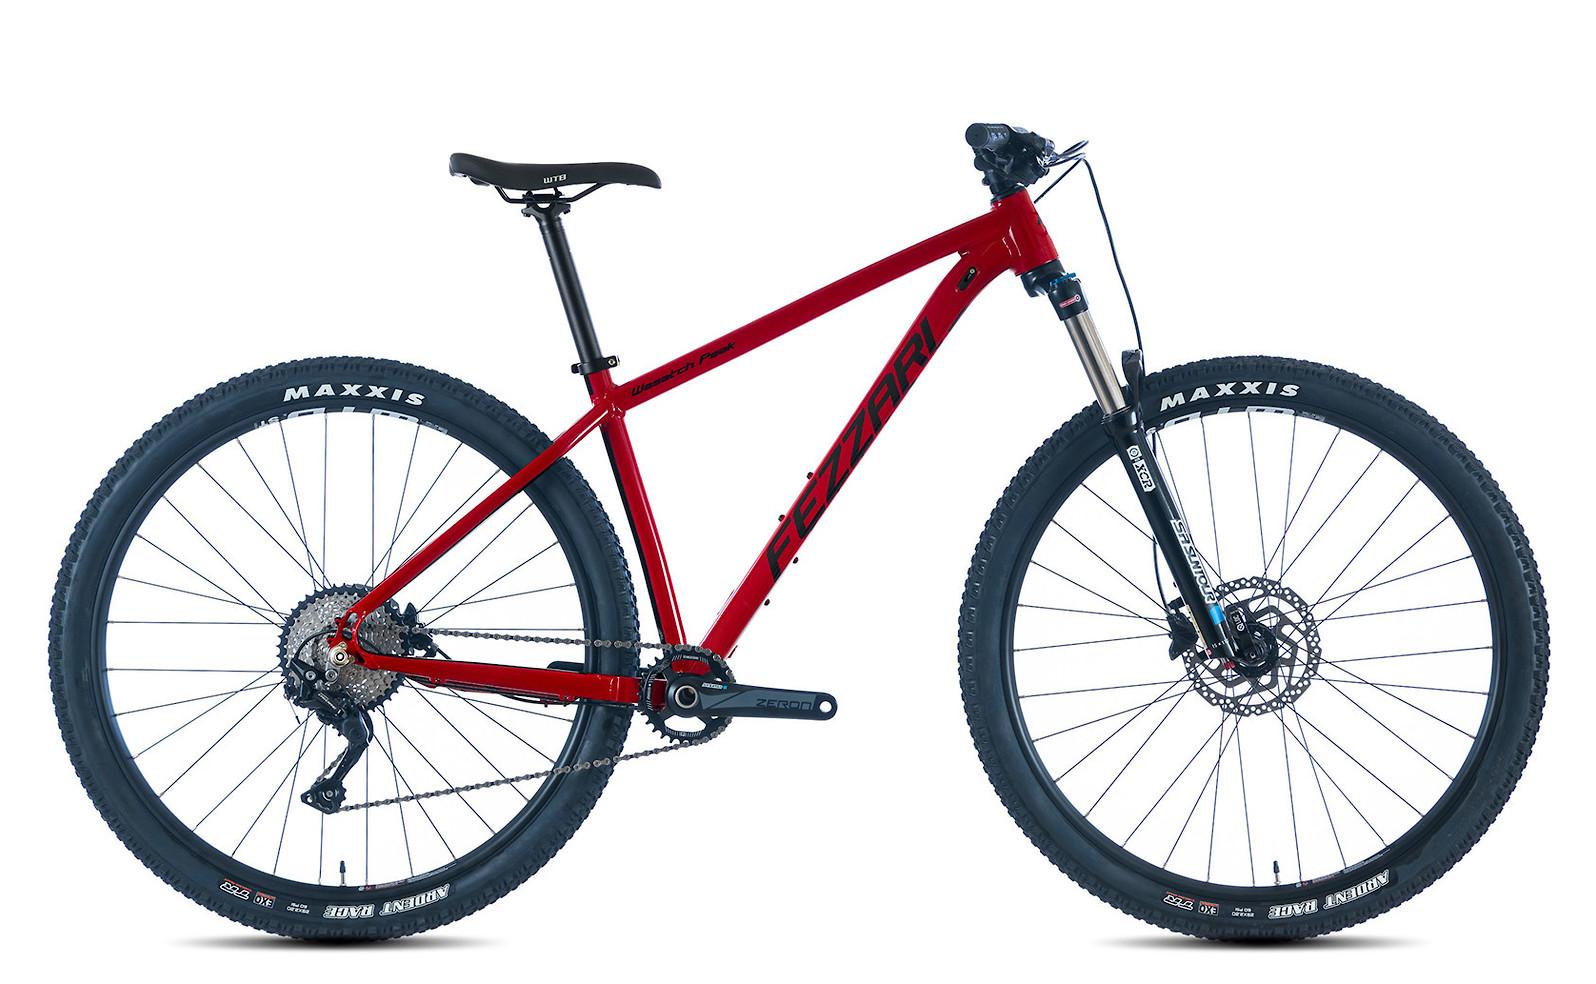 2019 Fezzari Wasatch Peak Comp 29 Bike